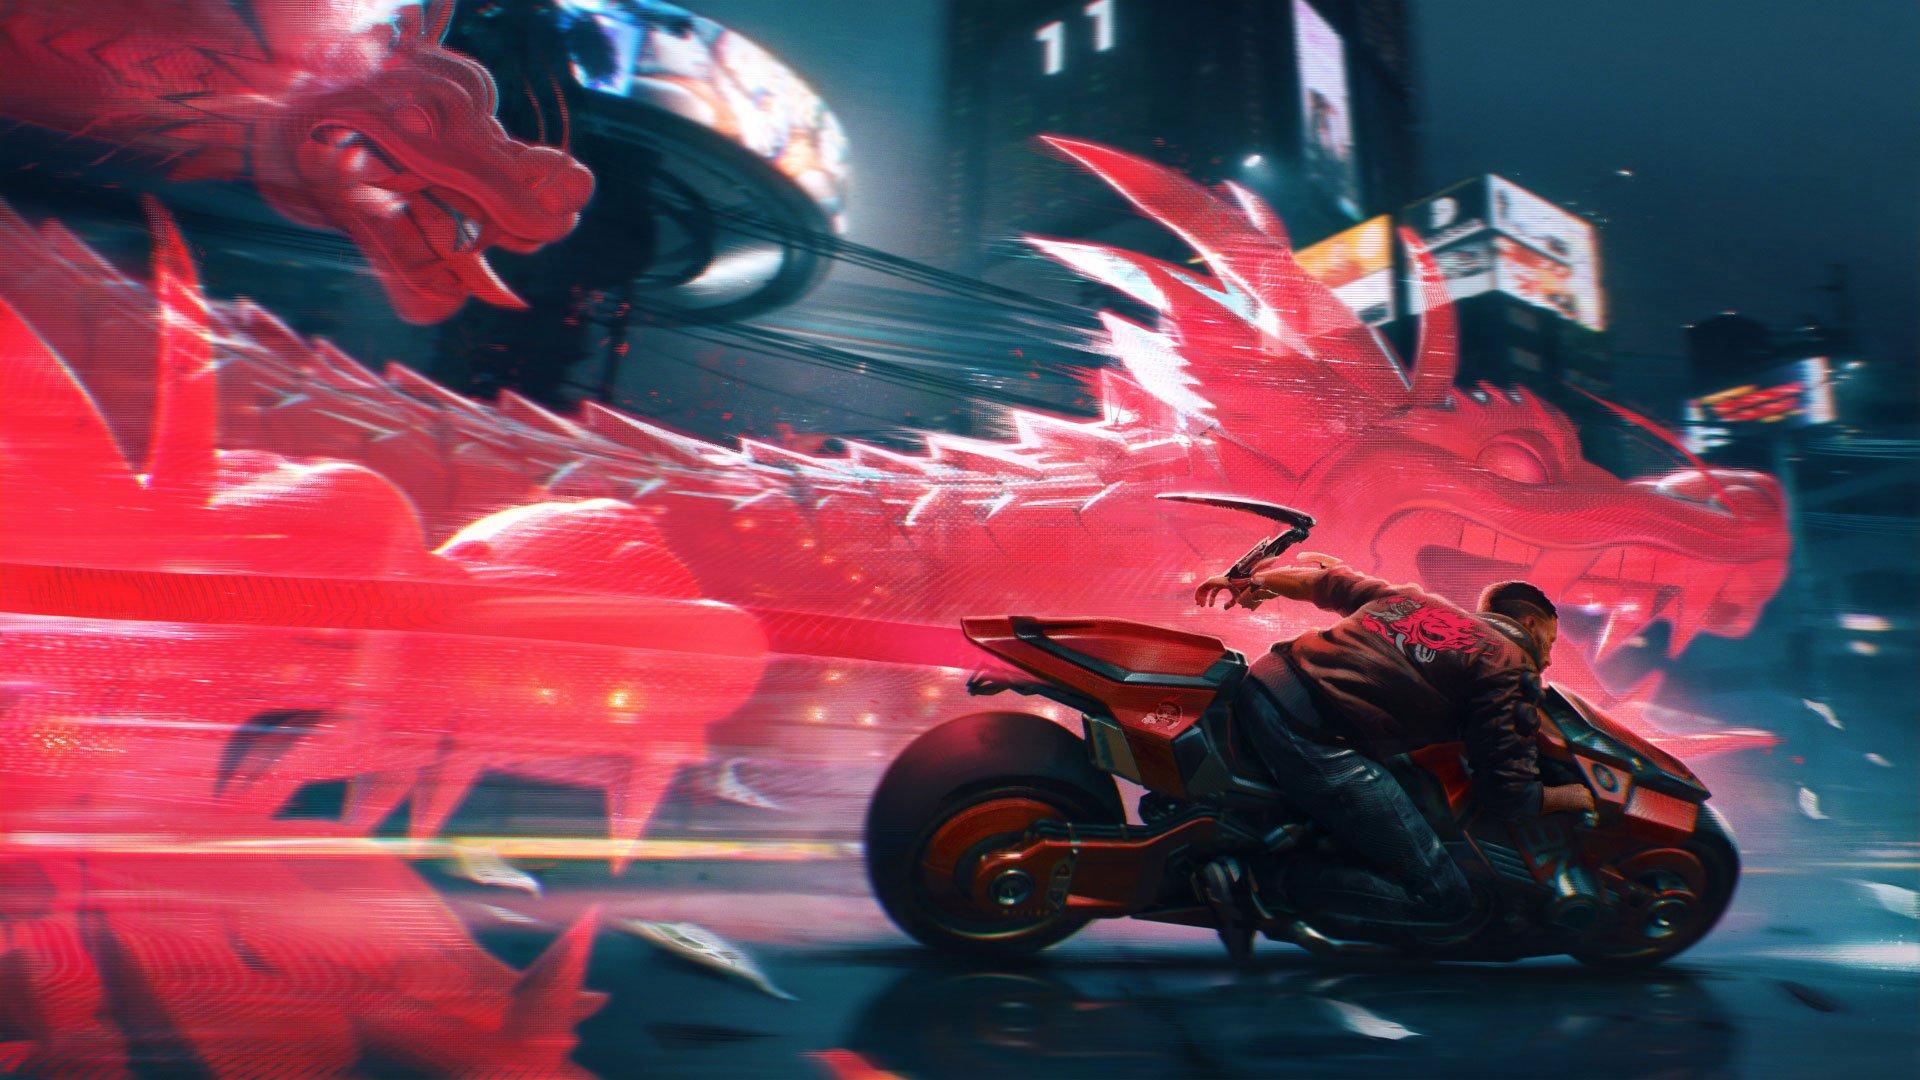 شخصیت V درحال موتورسواری در تصویر هنری بازی Cyberpunk 2077 با حضور یک اژدها دیجیتالی